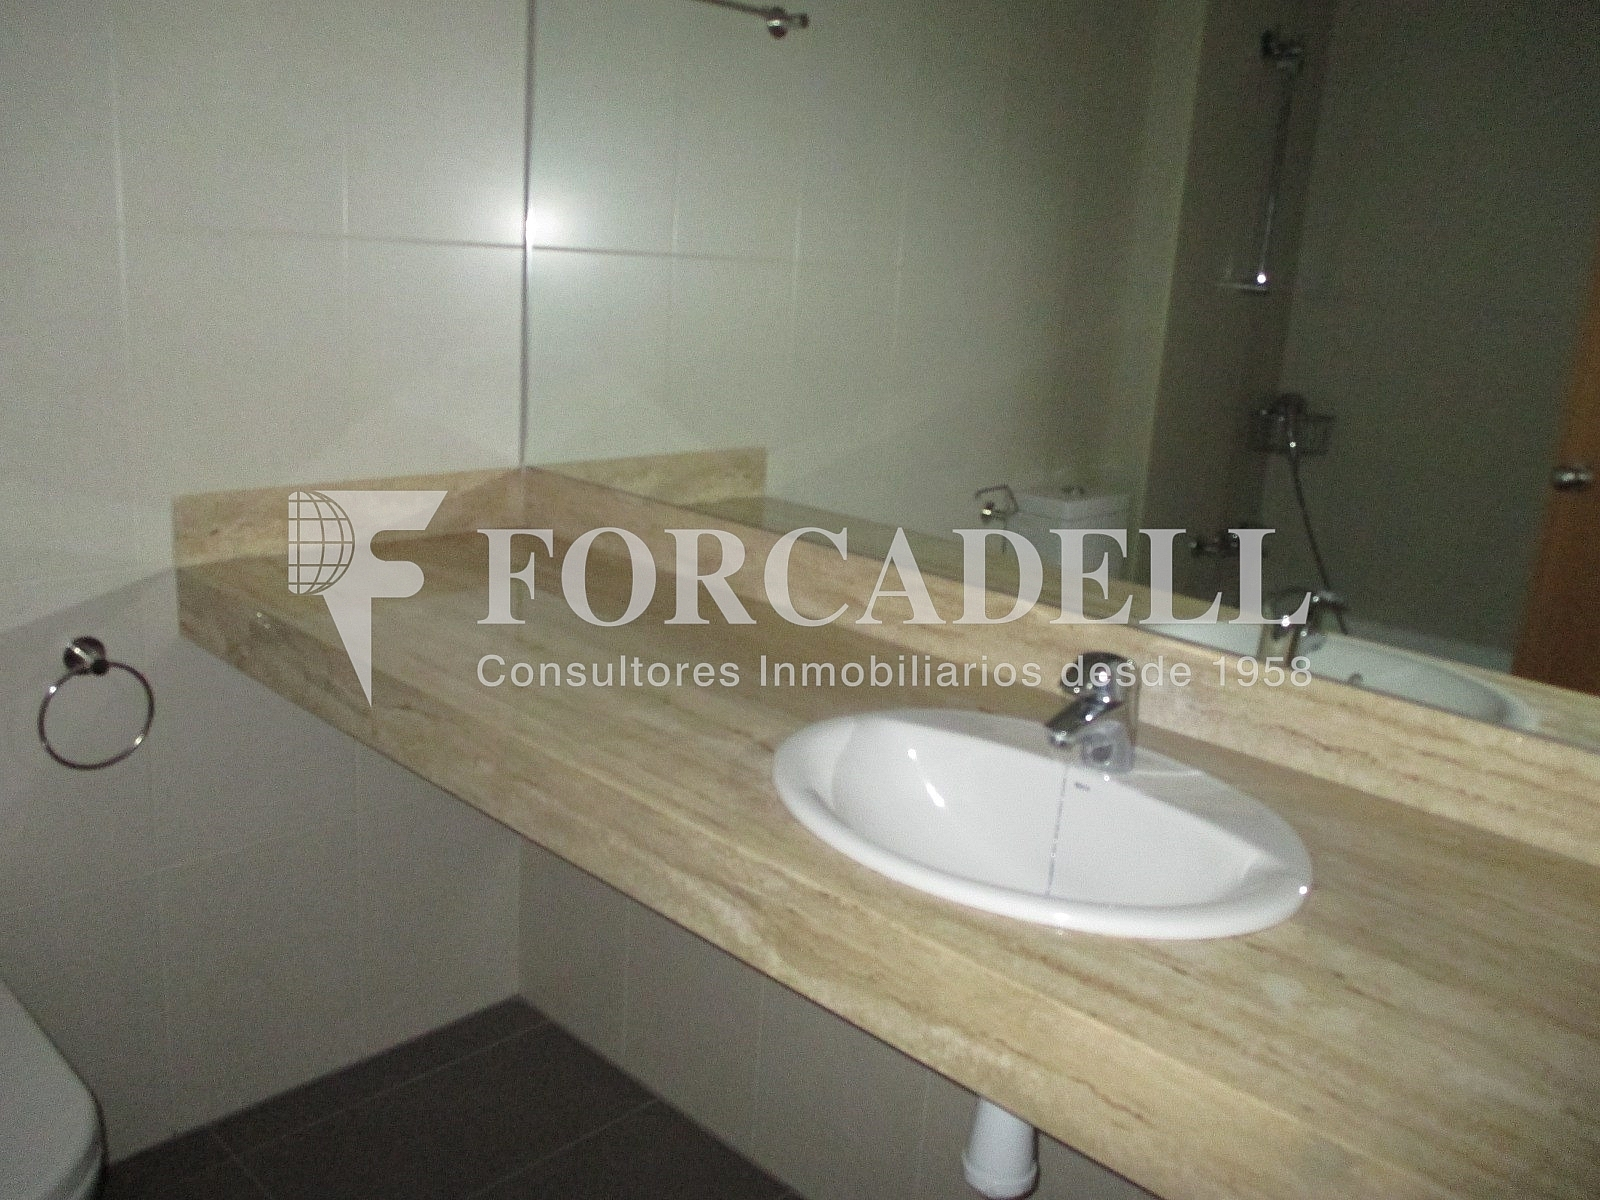 IMG_2683 - Piso en alquiler en calle Merce Rodoreda, Can clota en Esplugues de Llobregat - 331432089